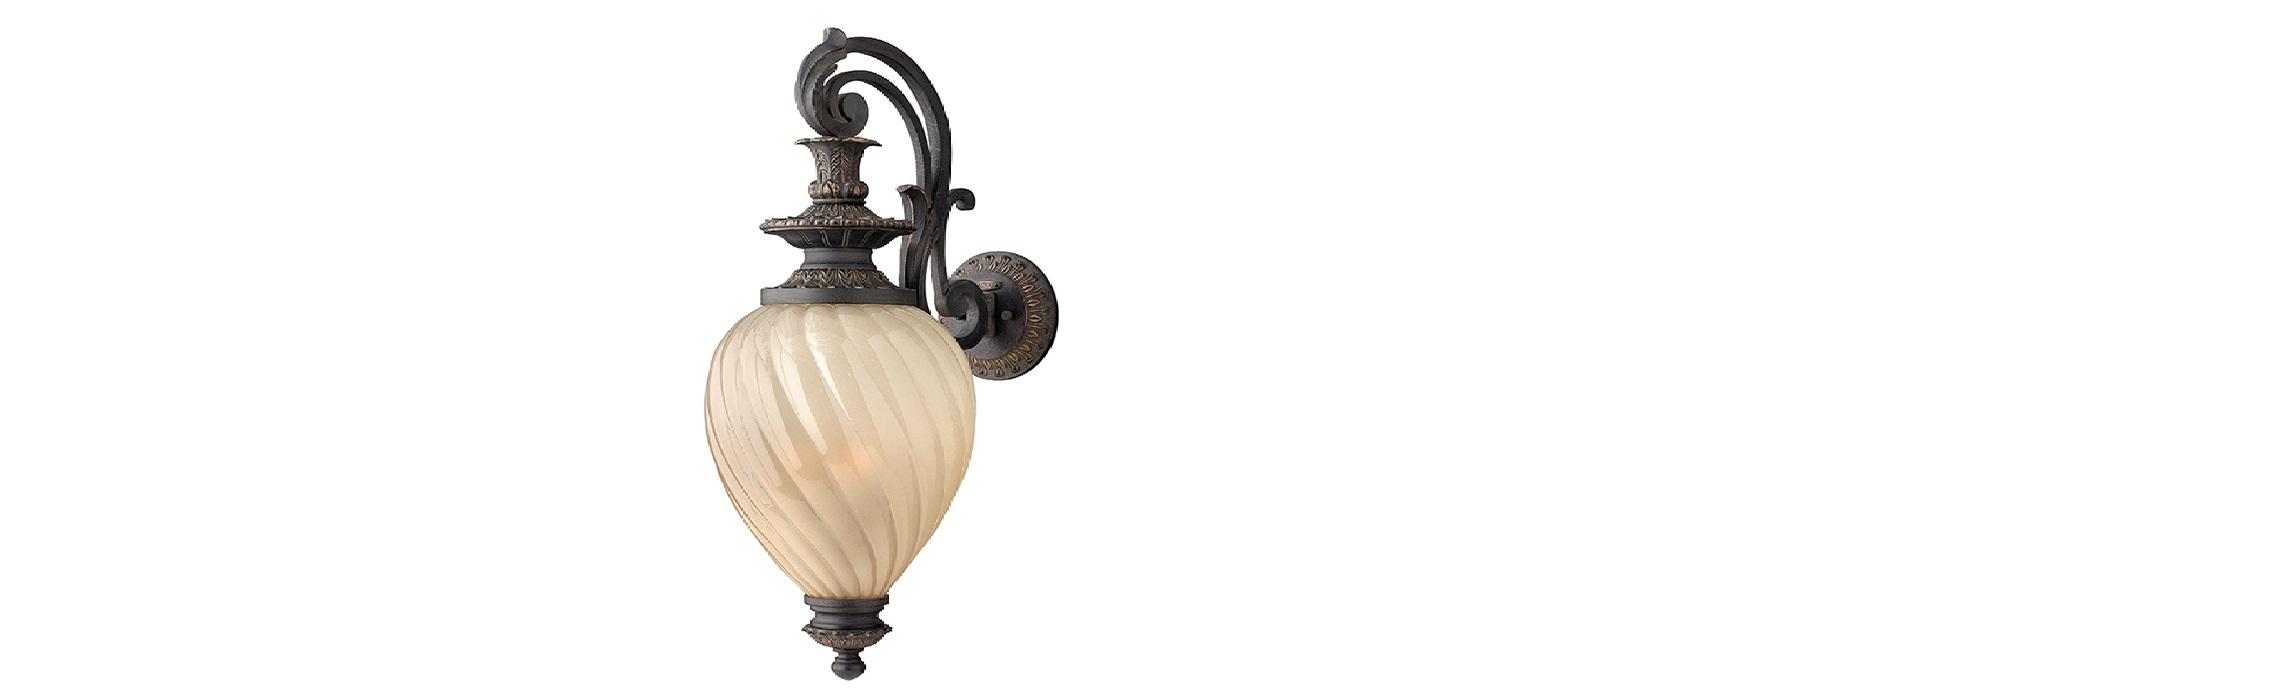 Настенный фонарь Hinkely LightingУличные настенные светильники<br>Цоколь: E14.&amp;amp;nbsp;&amp;lt;div&amp;gt;Мощность: 60W.&amp;amp;nbsp;&amp;lt;/div&amp;gt;&amp;lt;div&amp;gt;Количество ламп: 3.&amp;amp;nbsp;&amp;lt;/div&amp;gt;&amp;lt;div&amp;gt;Цвет: состаренное железо.&amp;lt;/div&amp;gt;<br><br>Material: Металл<br>Ширина см: 27<br>Высота см: 81